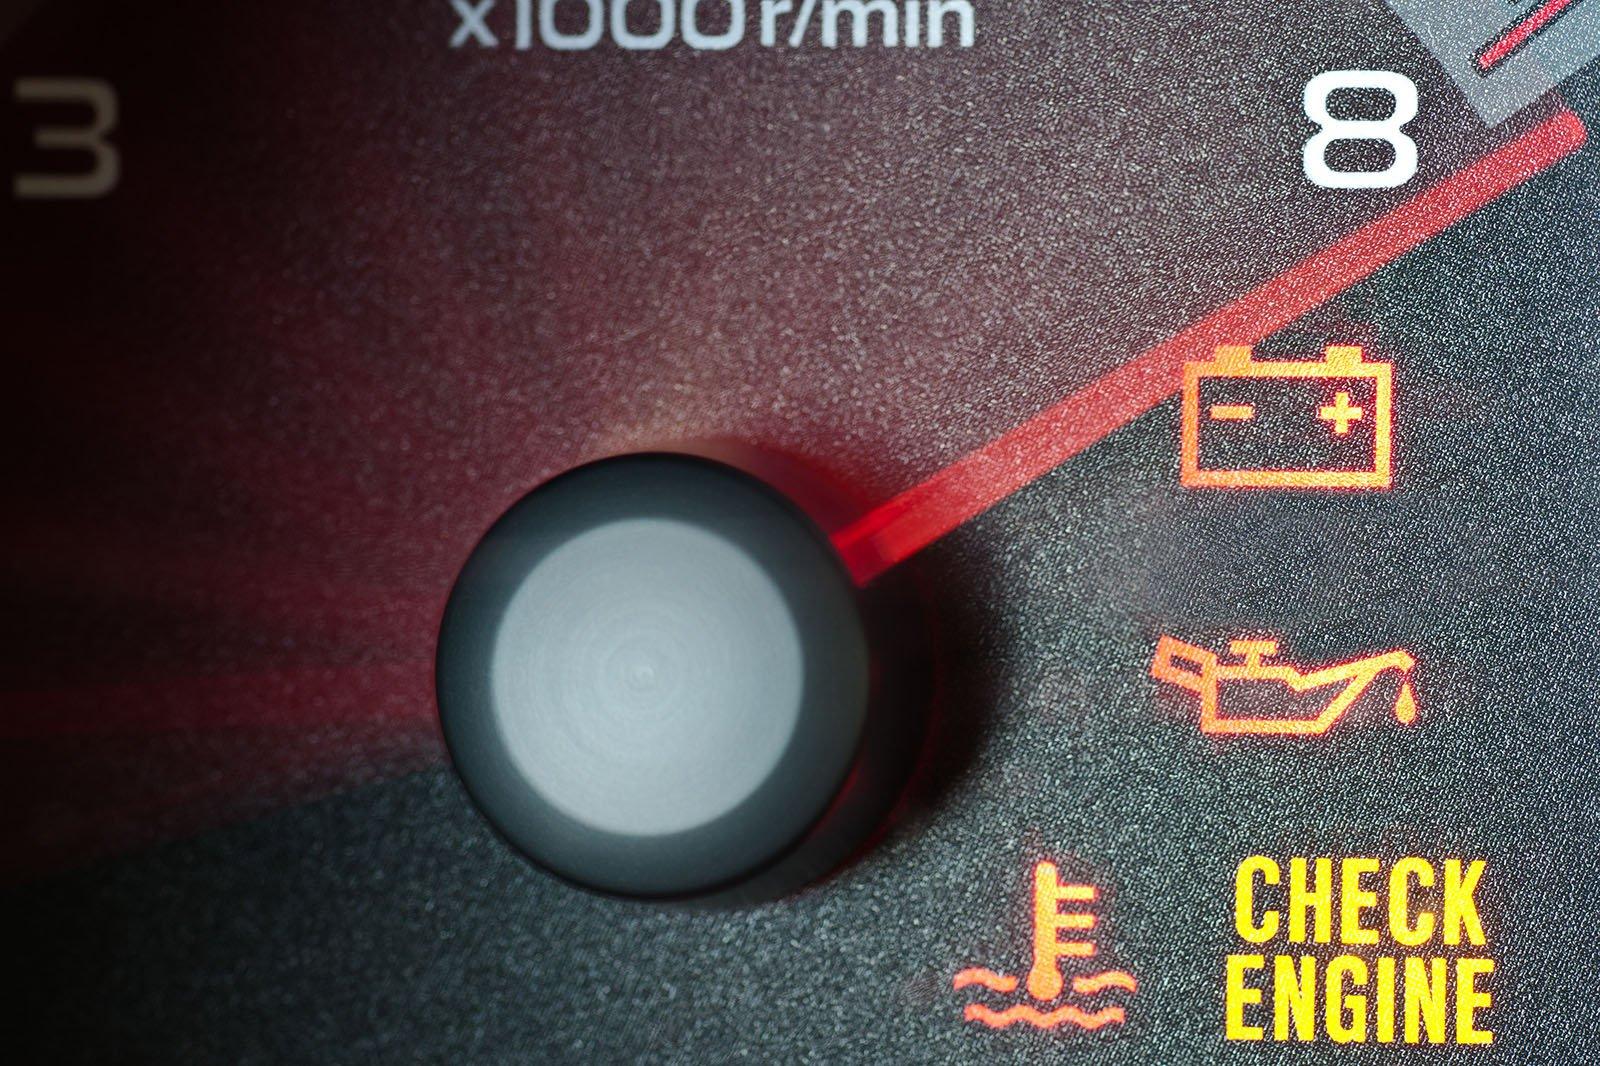 Oil warning light